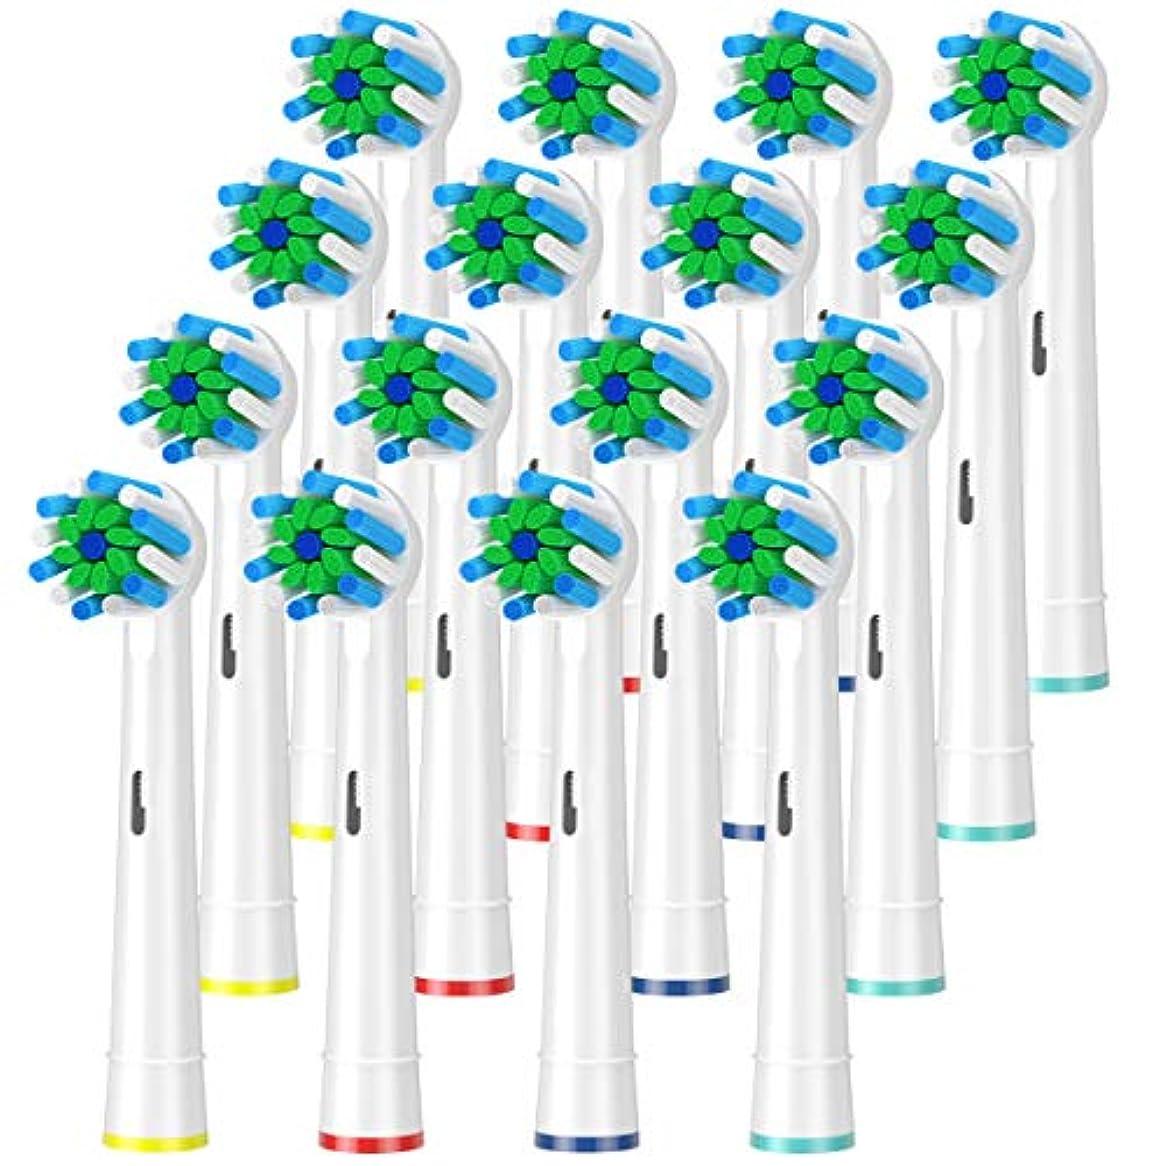 天才メンダシティ工場ITECHNIK ブラウン 電動歯ブラシ 対応 替えブラシ ブラウン オーラルB 替えブラシ Action cross(16)